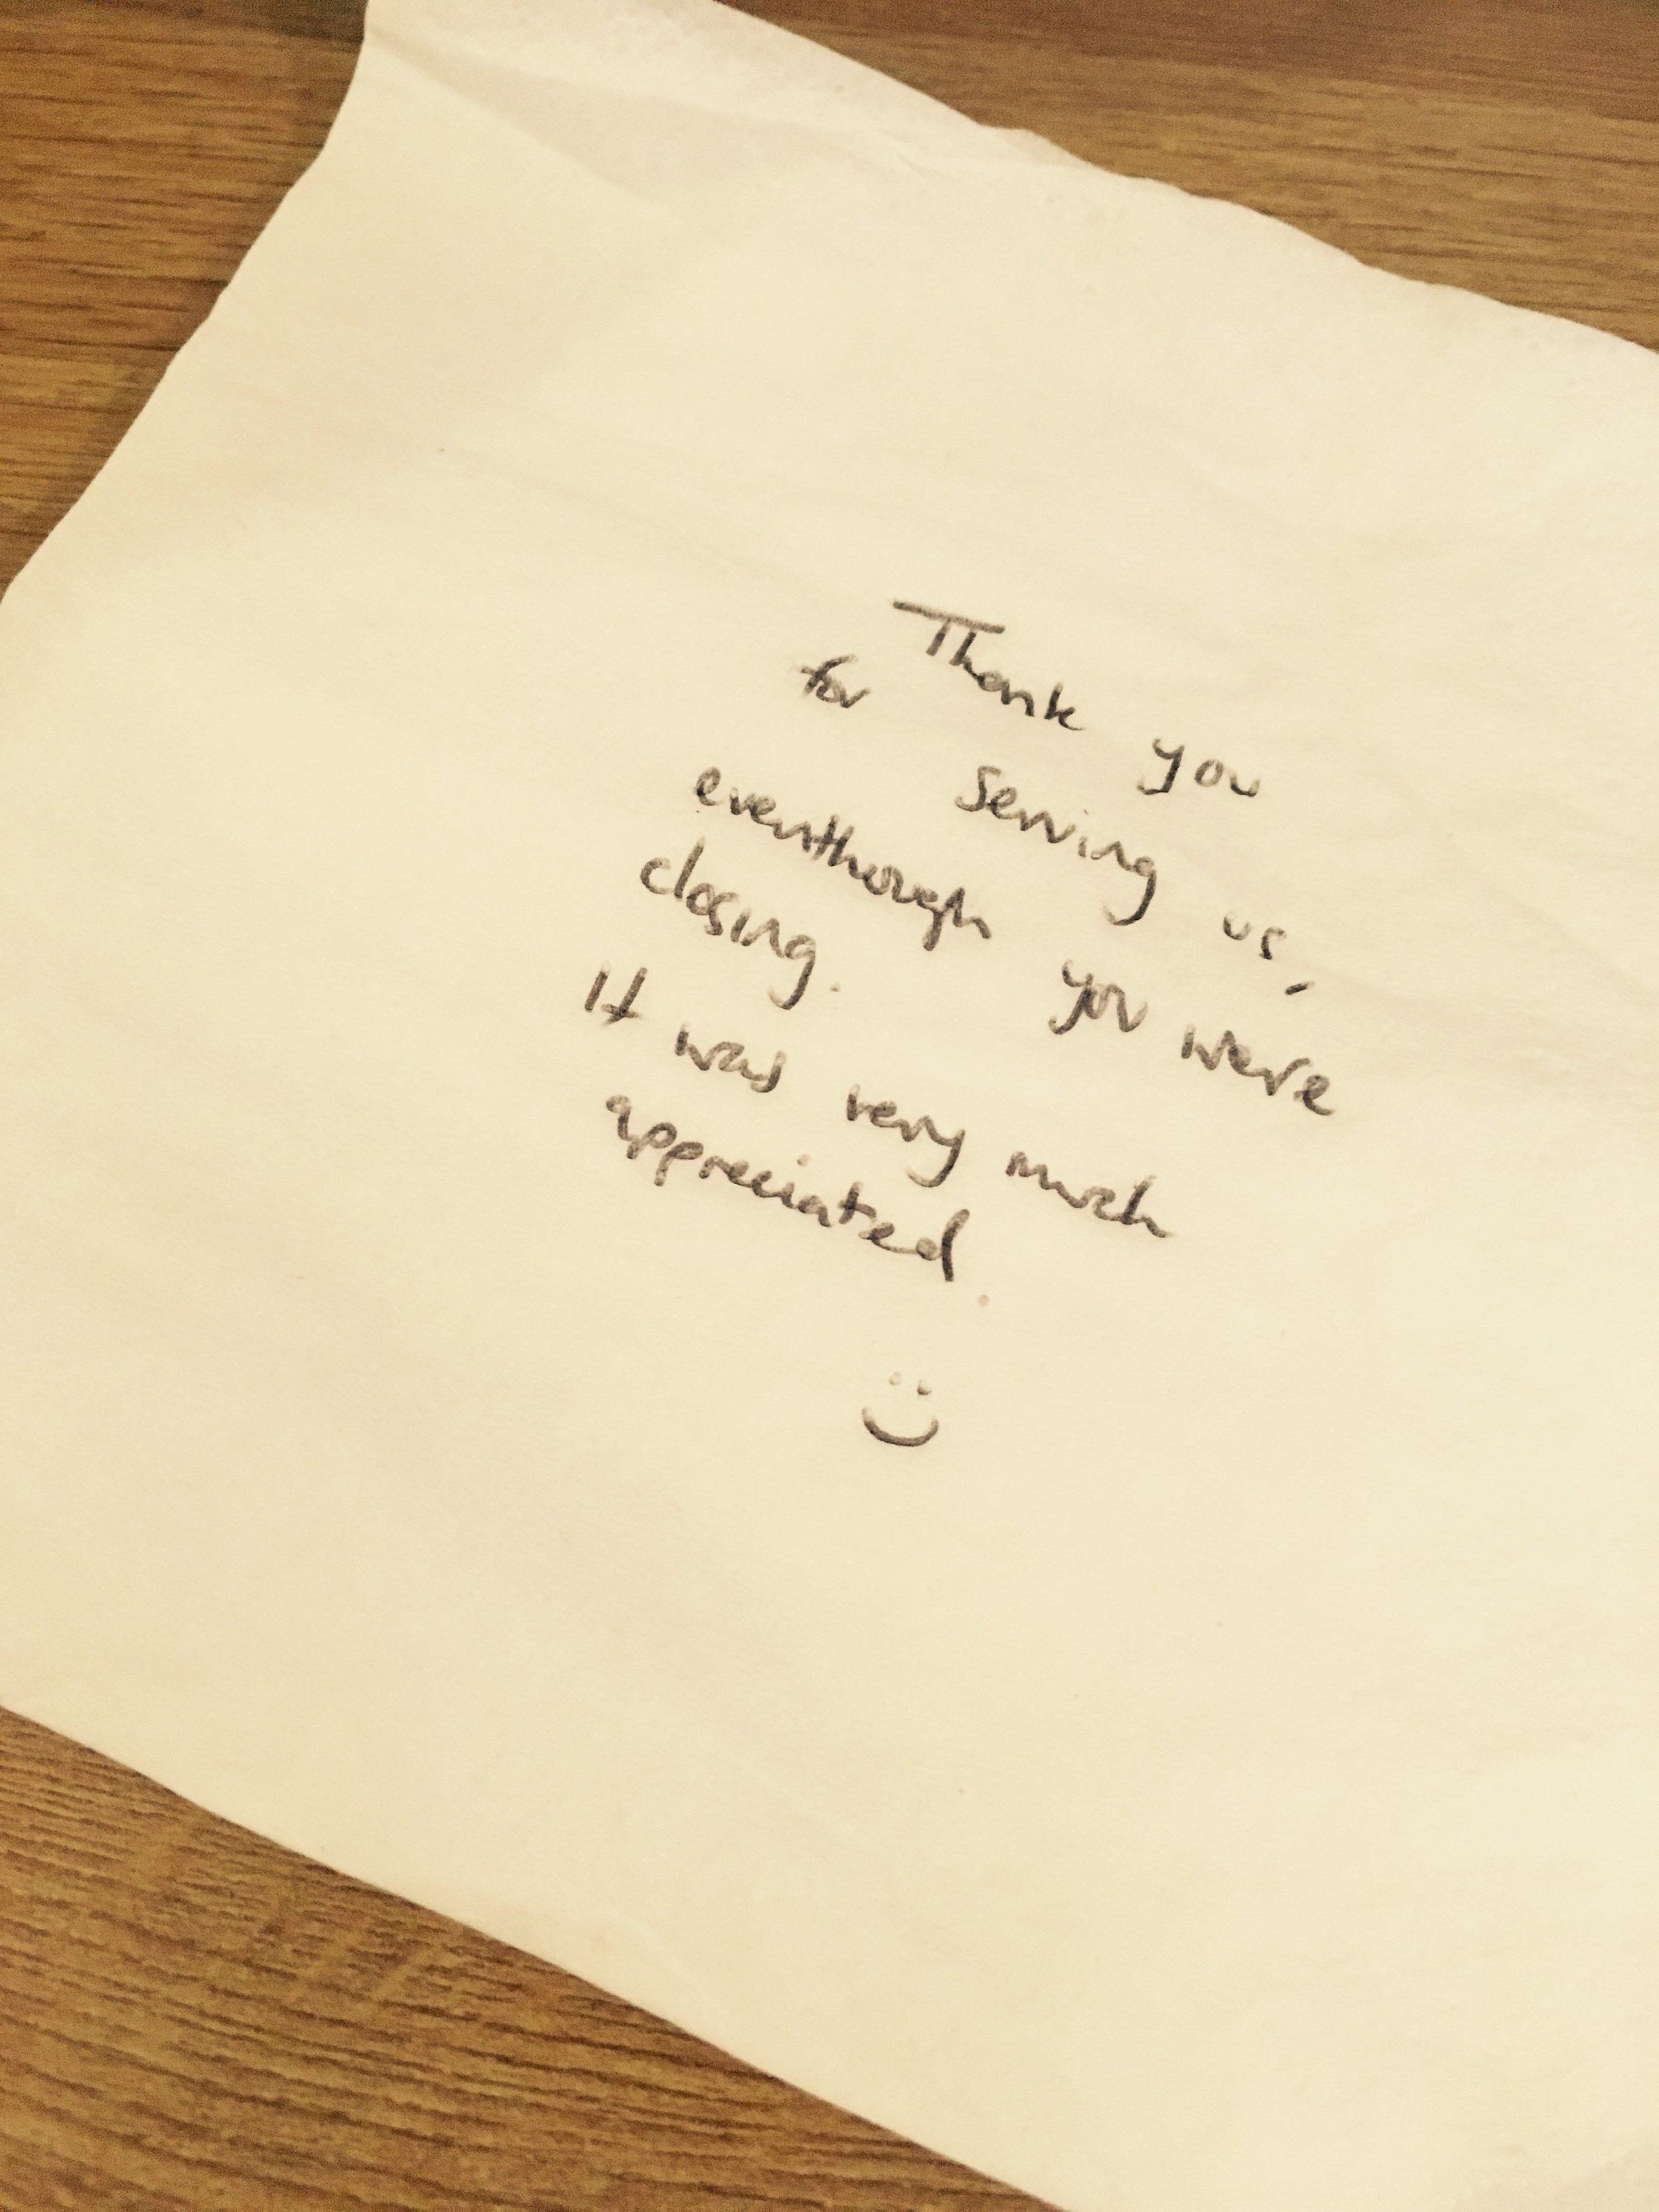 napkin note.jpg